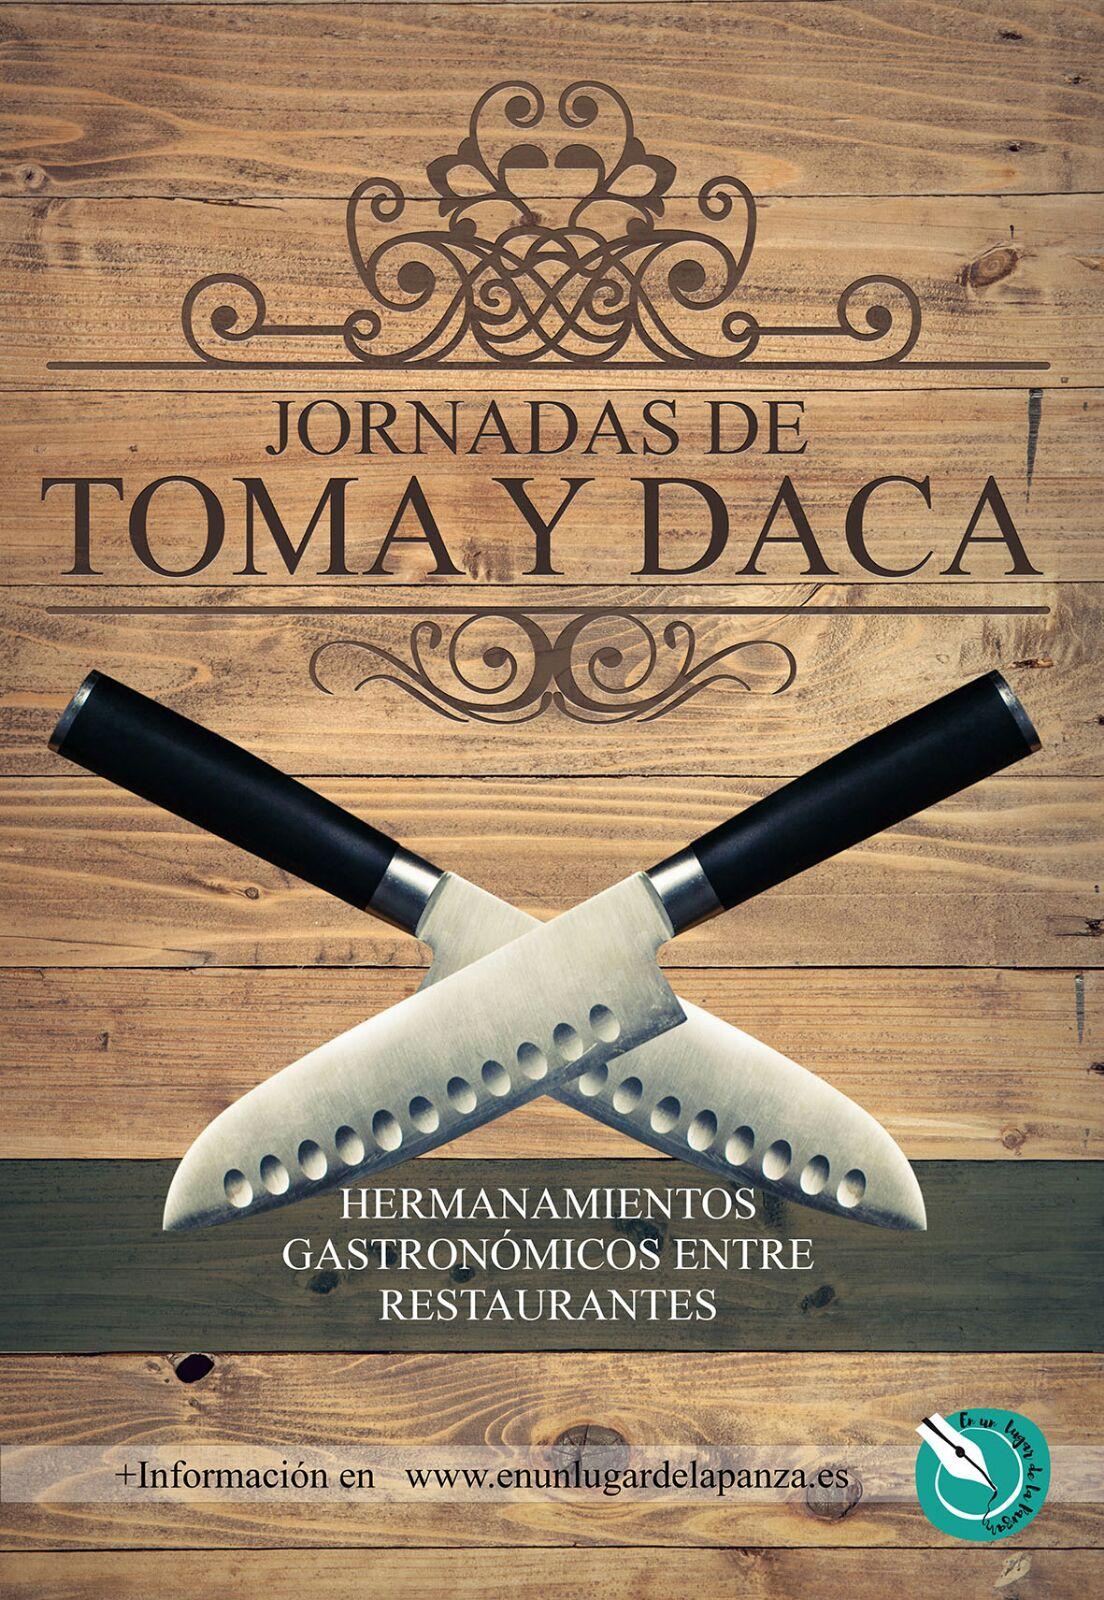 Jornadas de Toma y Daca